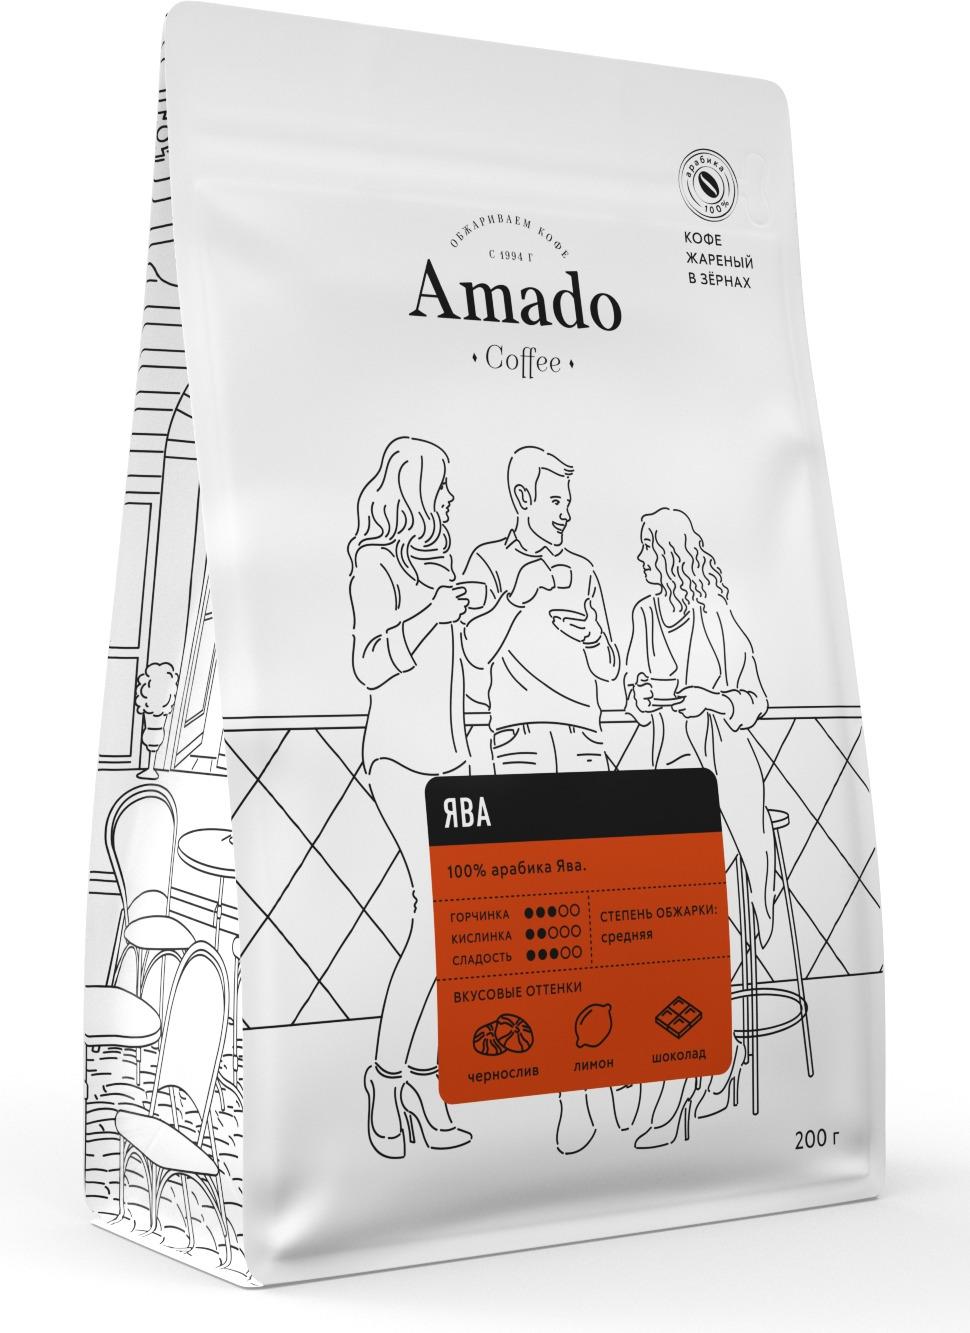 AMADO Ява кофе в зернах, 200 г amado шоколад кофе в зернах 200 г